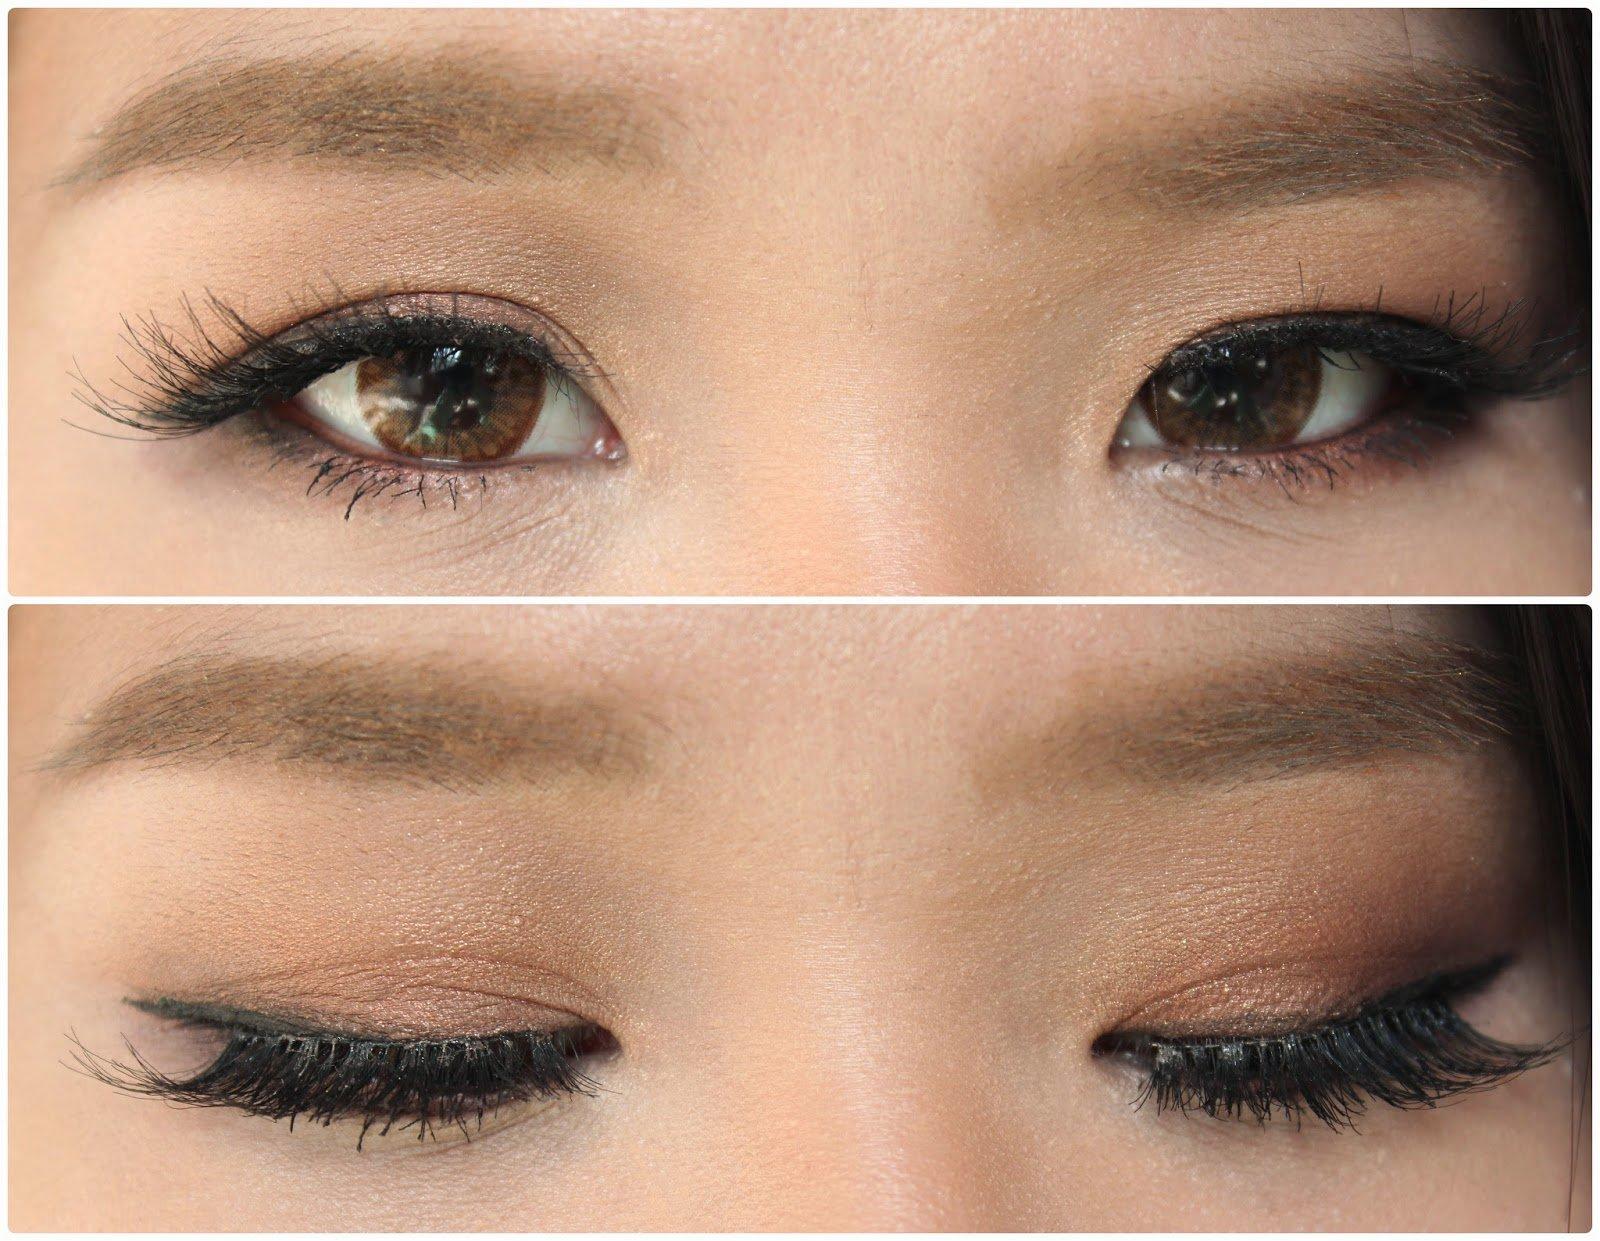 صورة عيون سوداء , اشكال العيون السوداء 3554 6